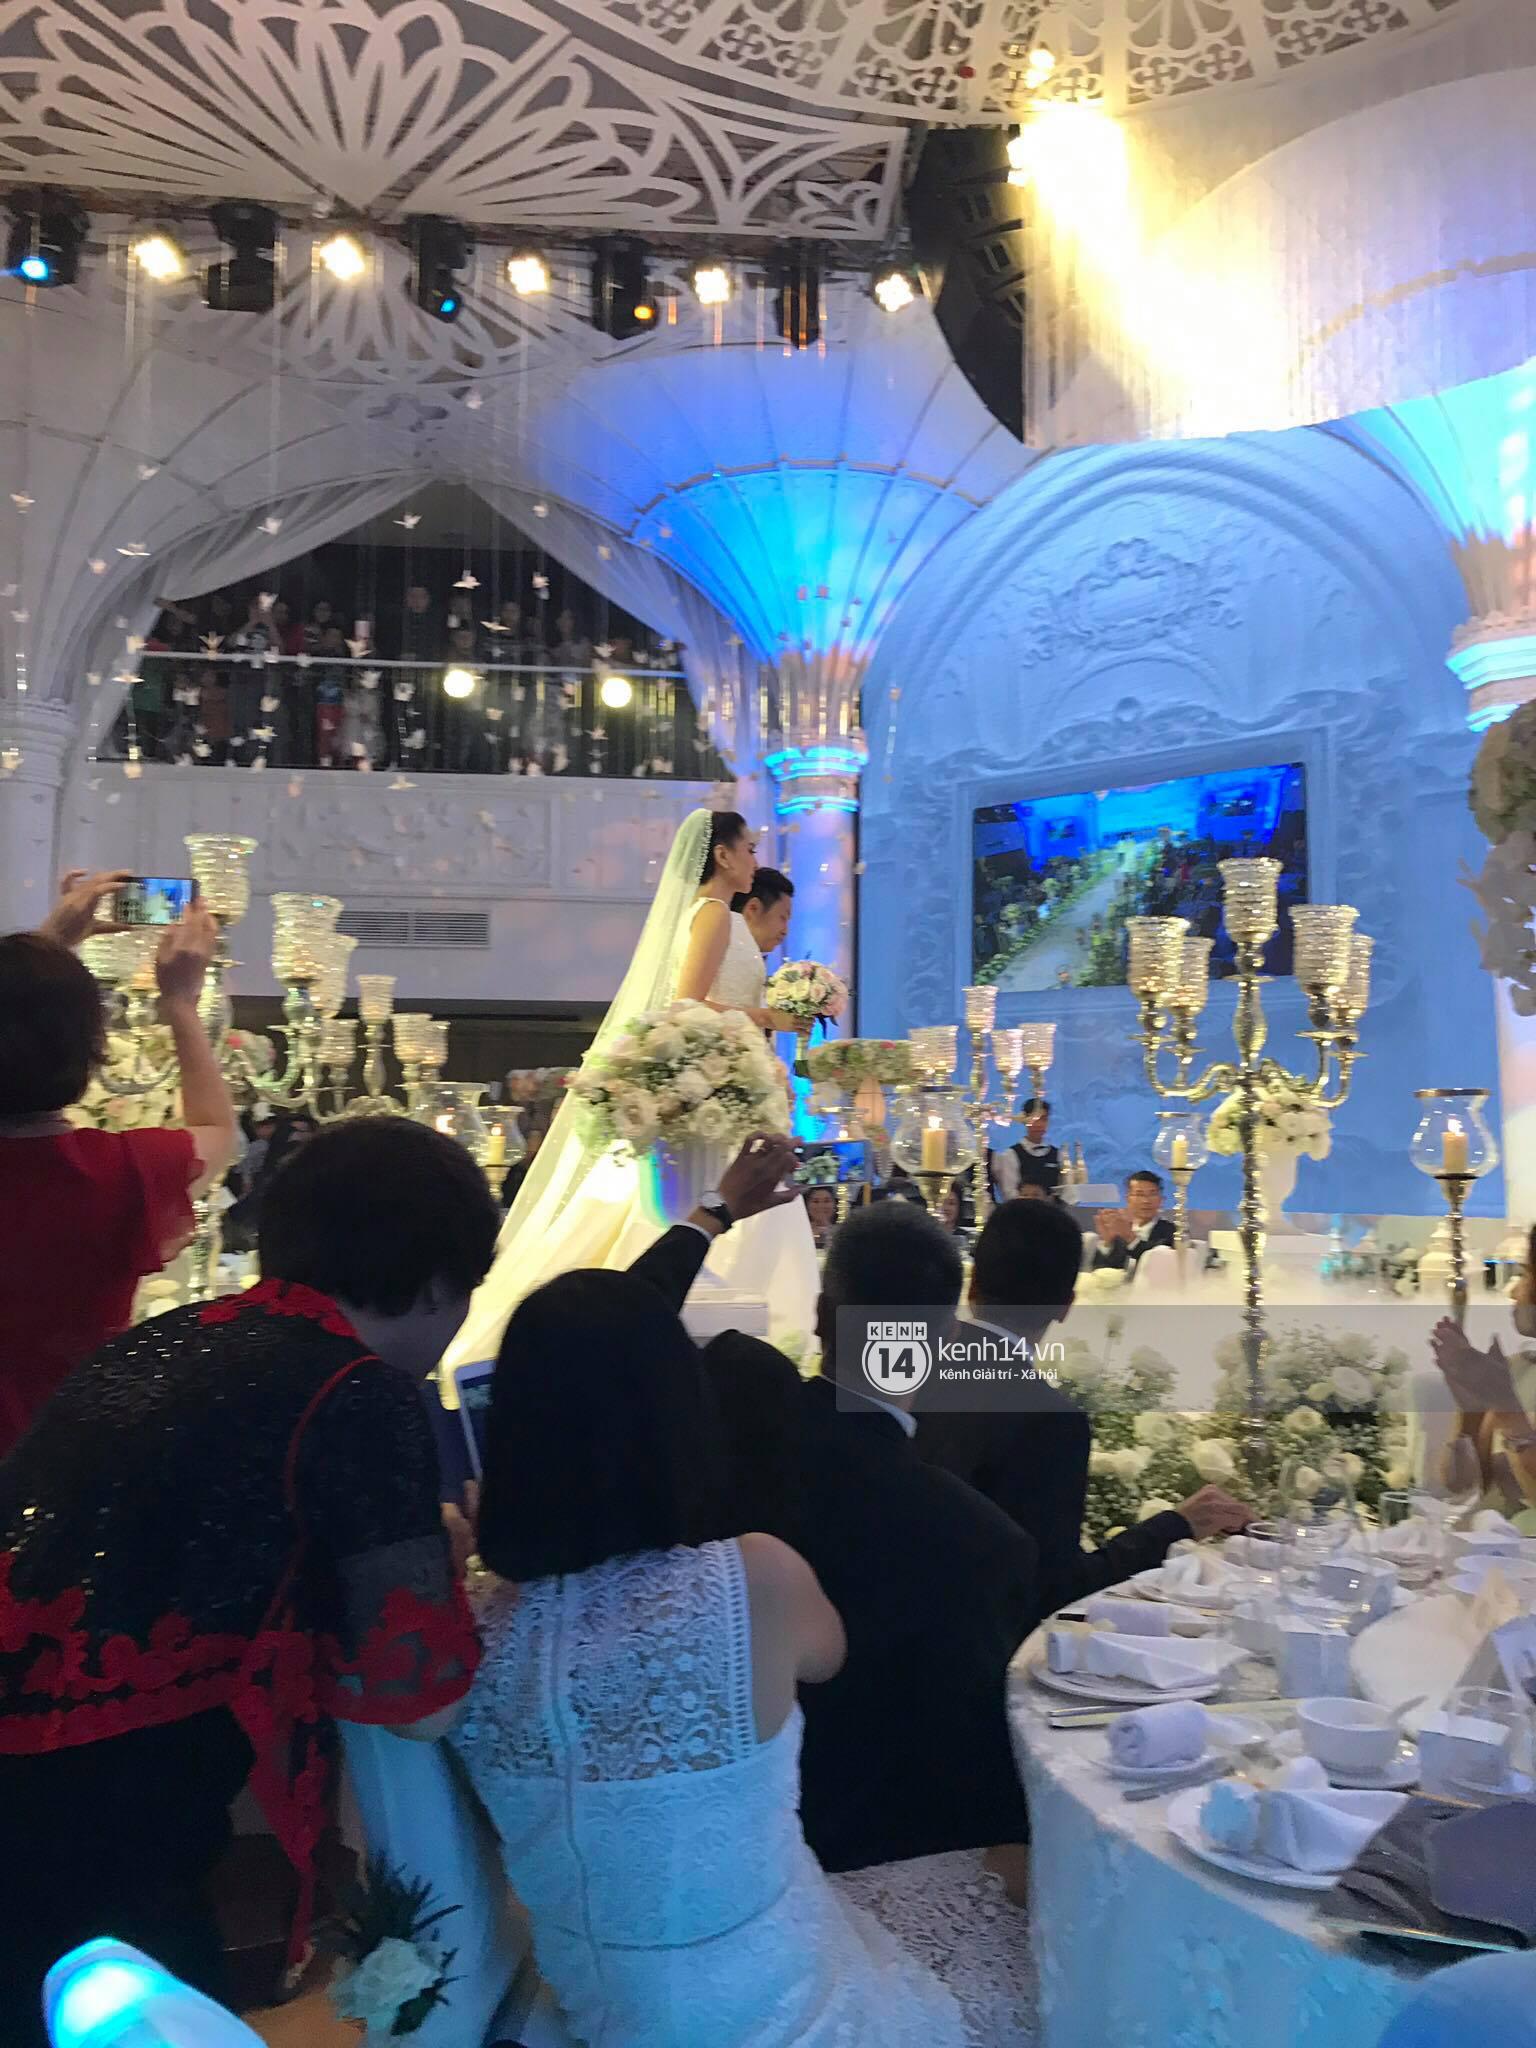 Đám cưới MC Mai Ngọc: Không gian lộng lẫy, cầu kỳ, xứng đáng là đám cưới sang chảnh nhất Hà Nội hôm nay - Ảnh 14.